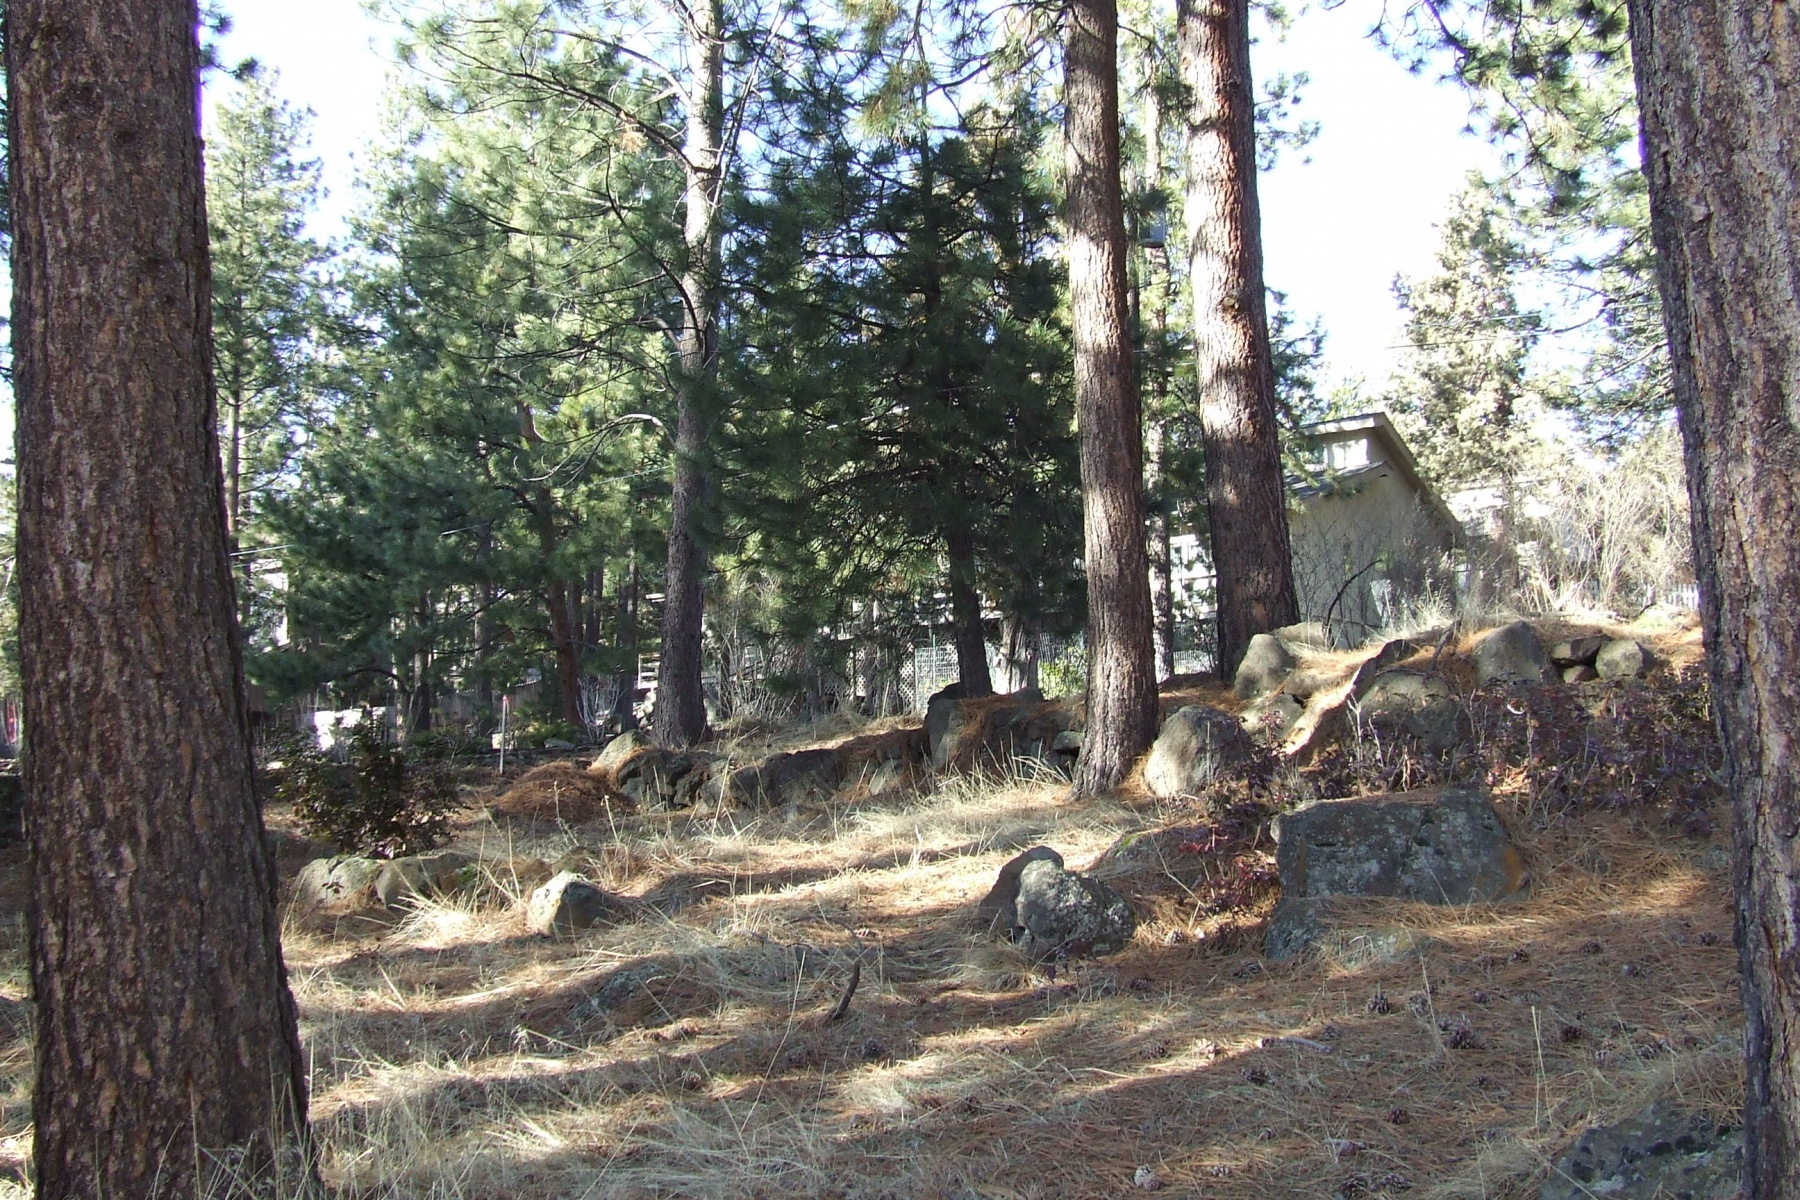 Terreno para Venda às Rare West Hills Buildabel Lot 0 West Hills Ave Lot 2 Bend, Oregon, 97703 Estados Unidos